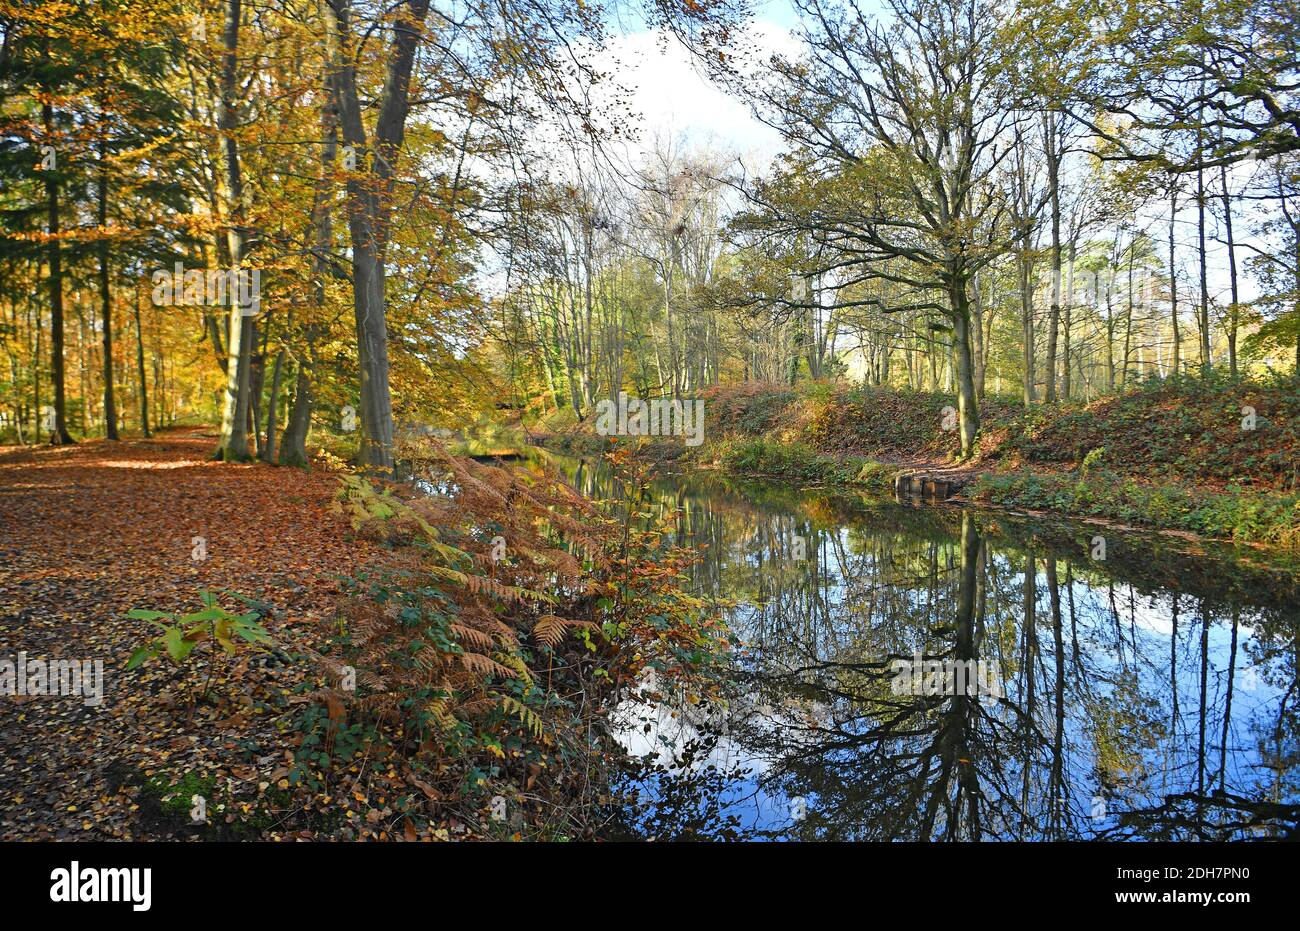 Fotos de una característica en Wellesley Woodland, Aldershot - Otoño fin de semana paseos característica. Canal Basingstoke. Foto de stock